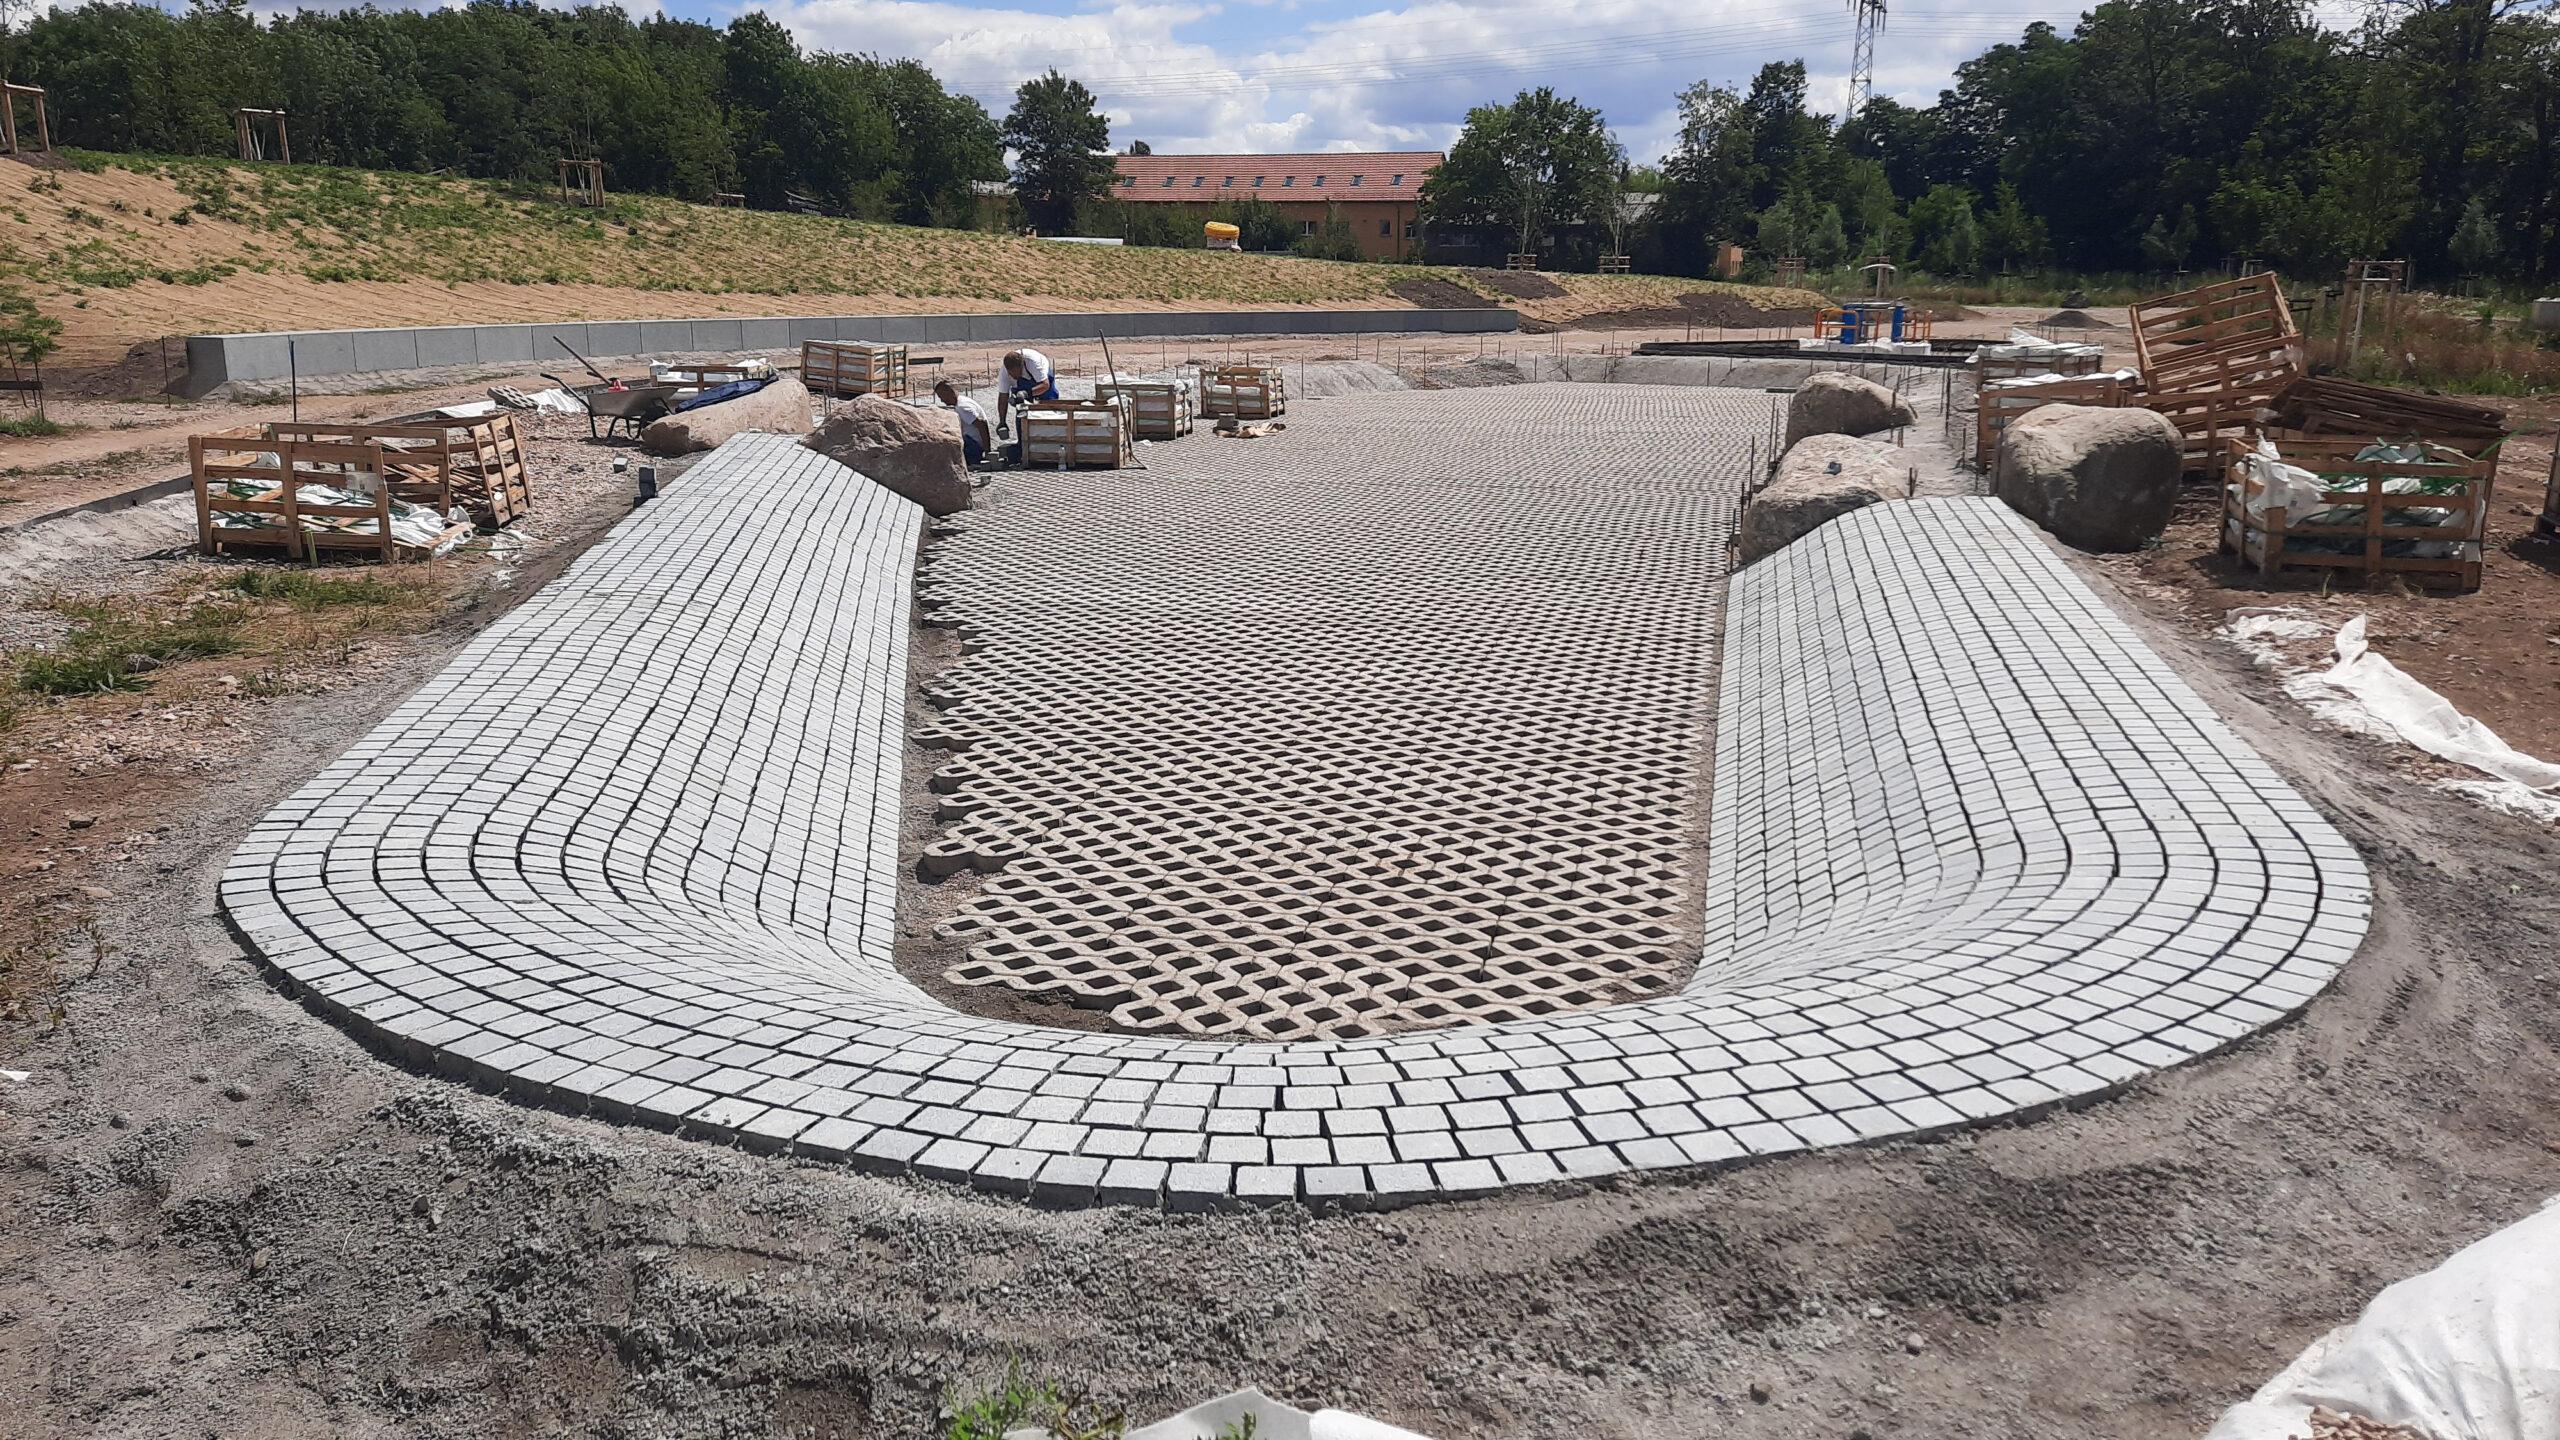 Baustelle BUGA Erfurt- das belgrano® Natursteinpflaster aus Granit wird verlegt